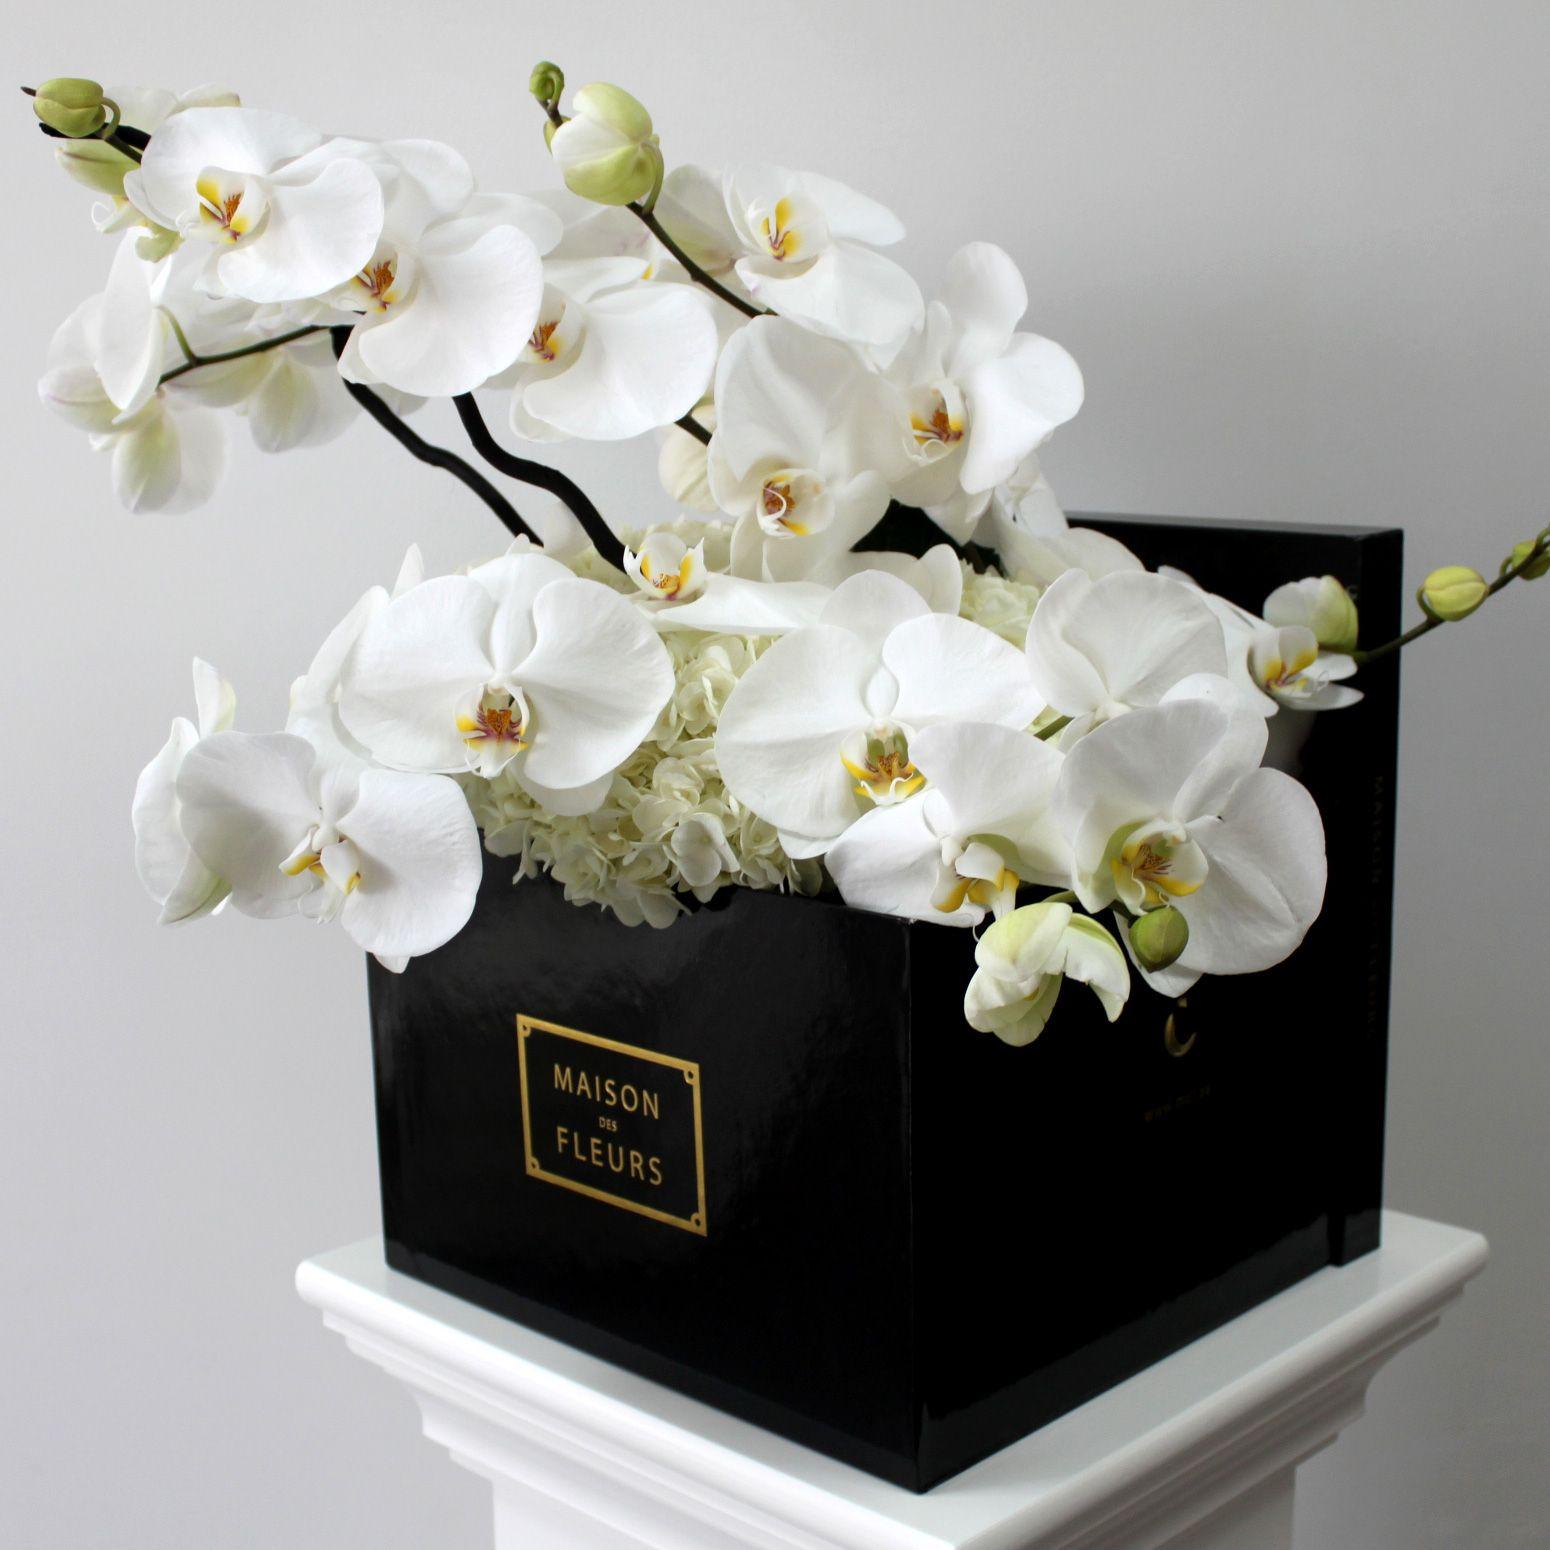 Maison Des Fleurs Phalaenopsis Orchids Luxury Flowers Orchid Arrangements White Orchids